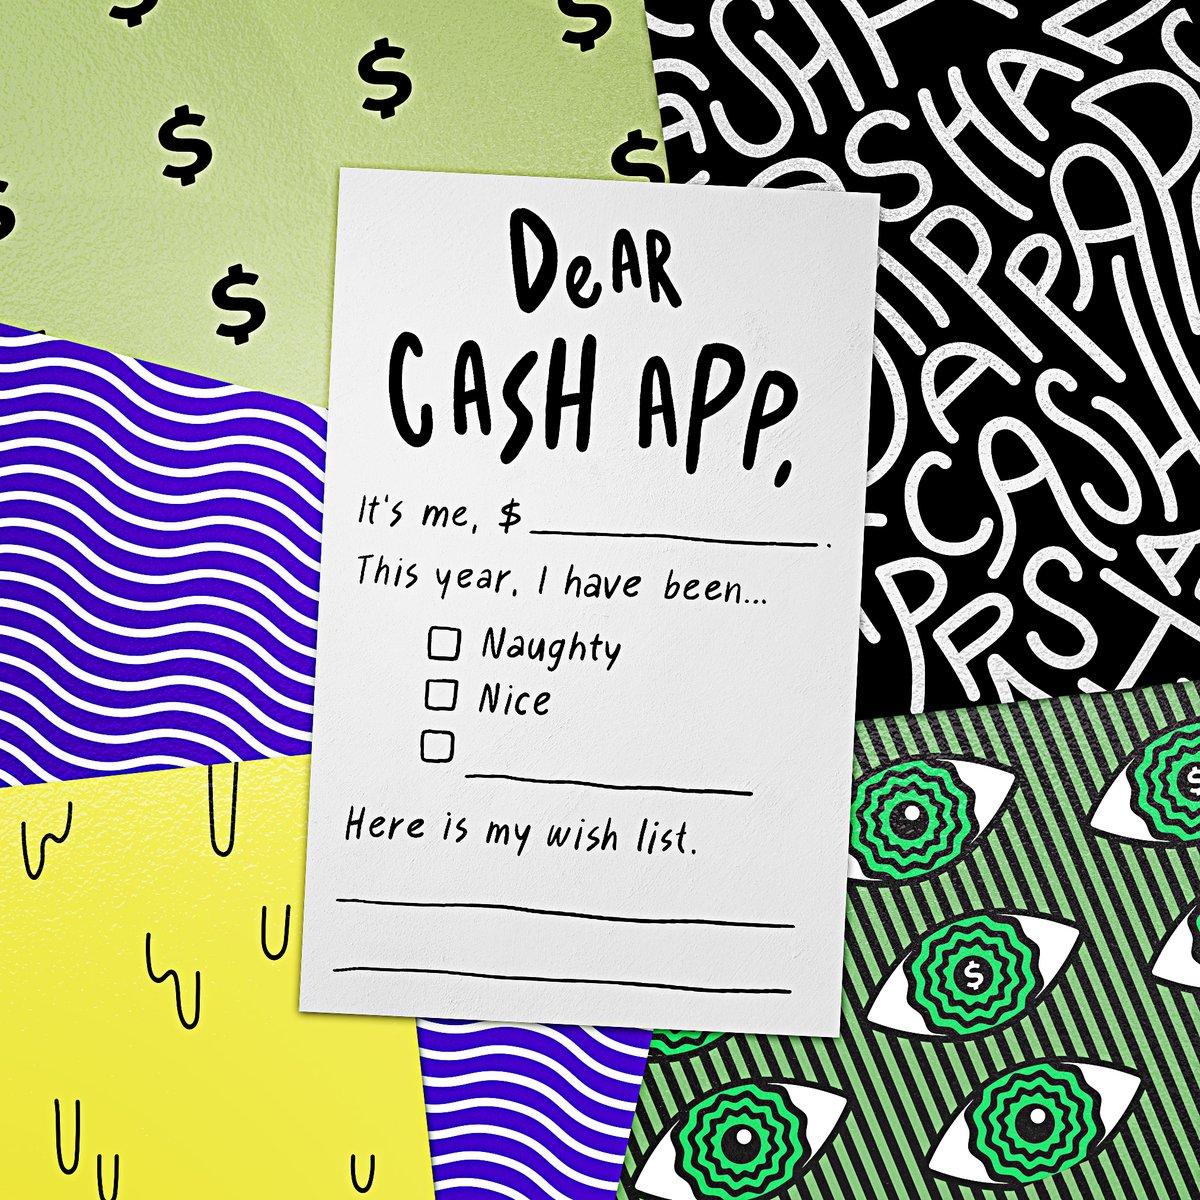 Cash App On Twitter Maybe We Ll Get It For You Idk Https T Co 8zhms6rwak Dearcashapp